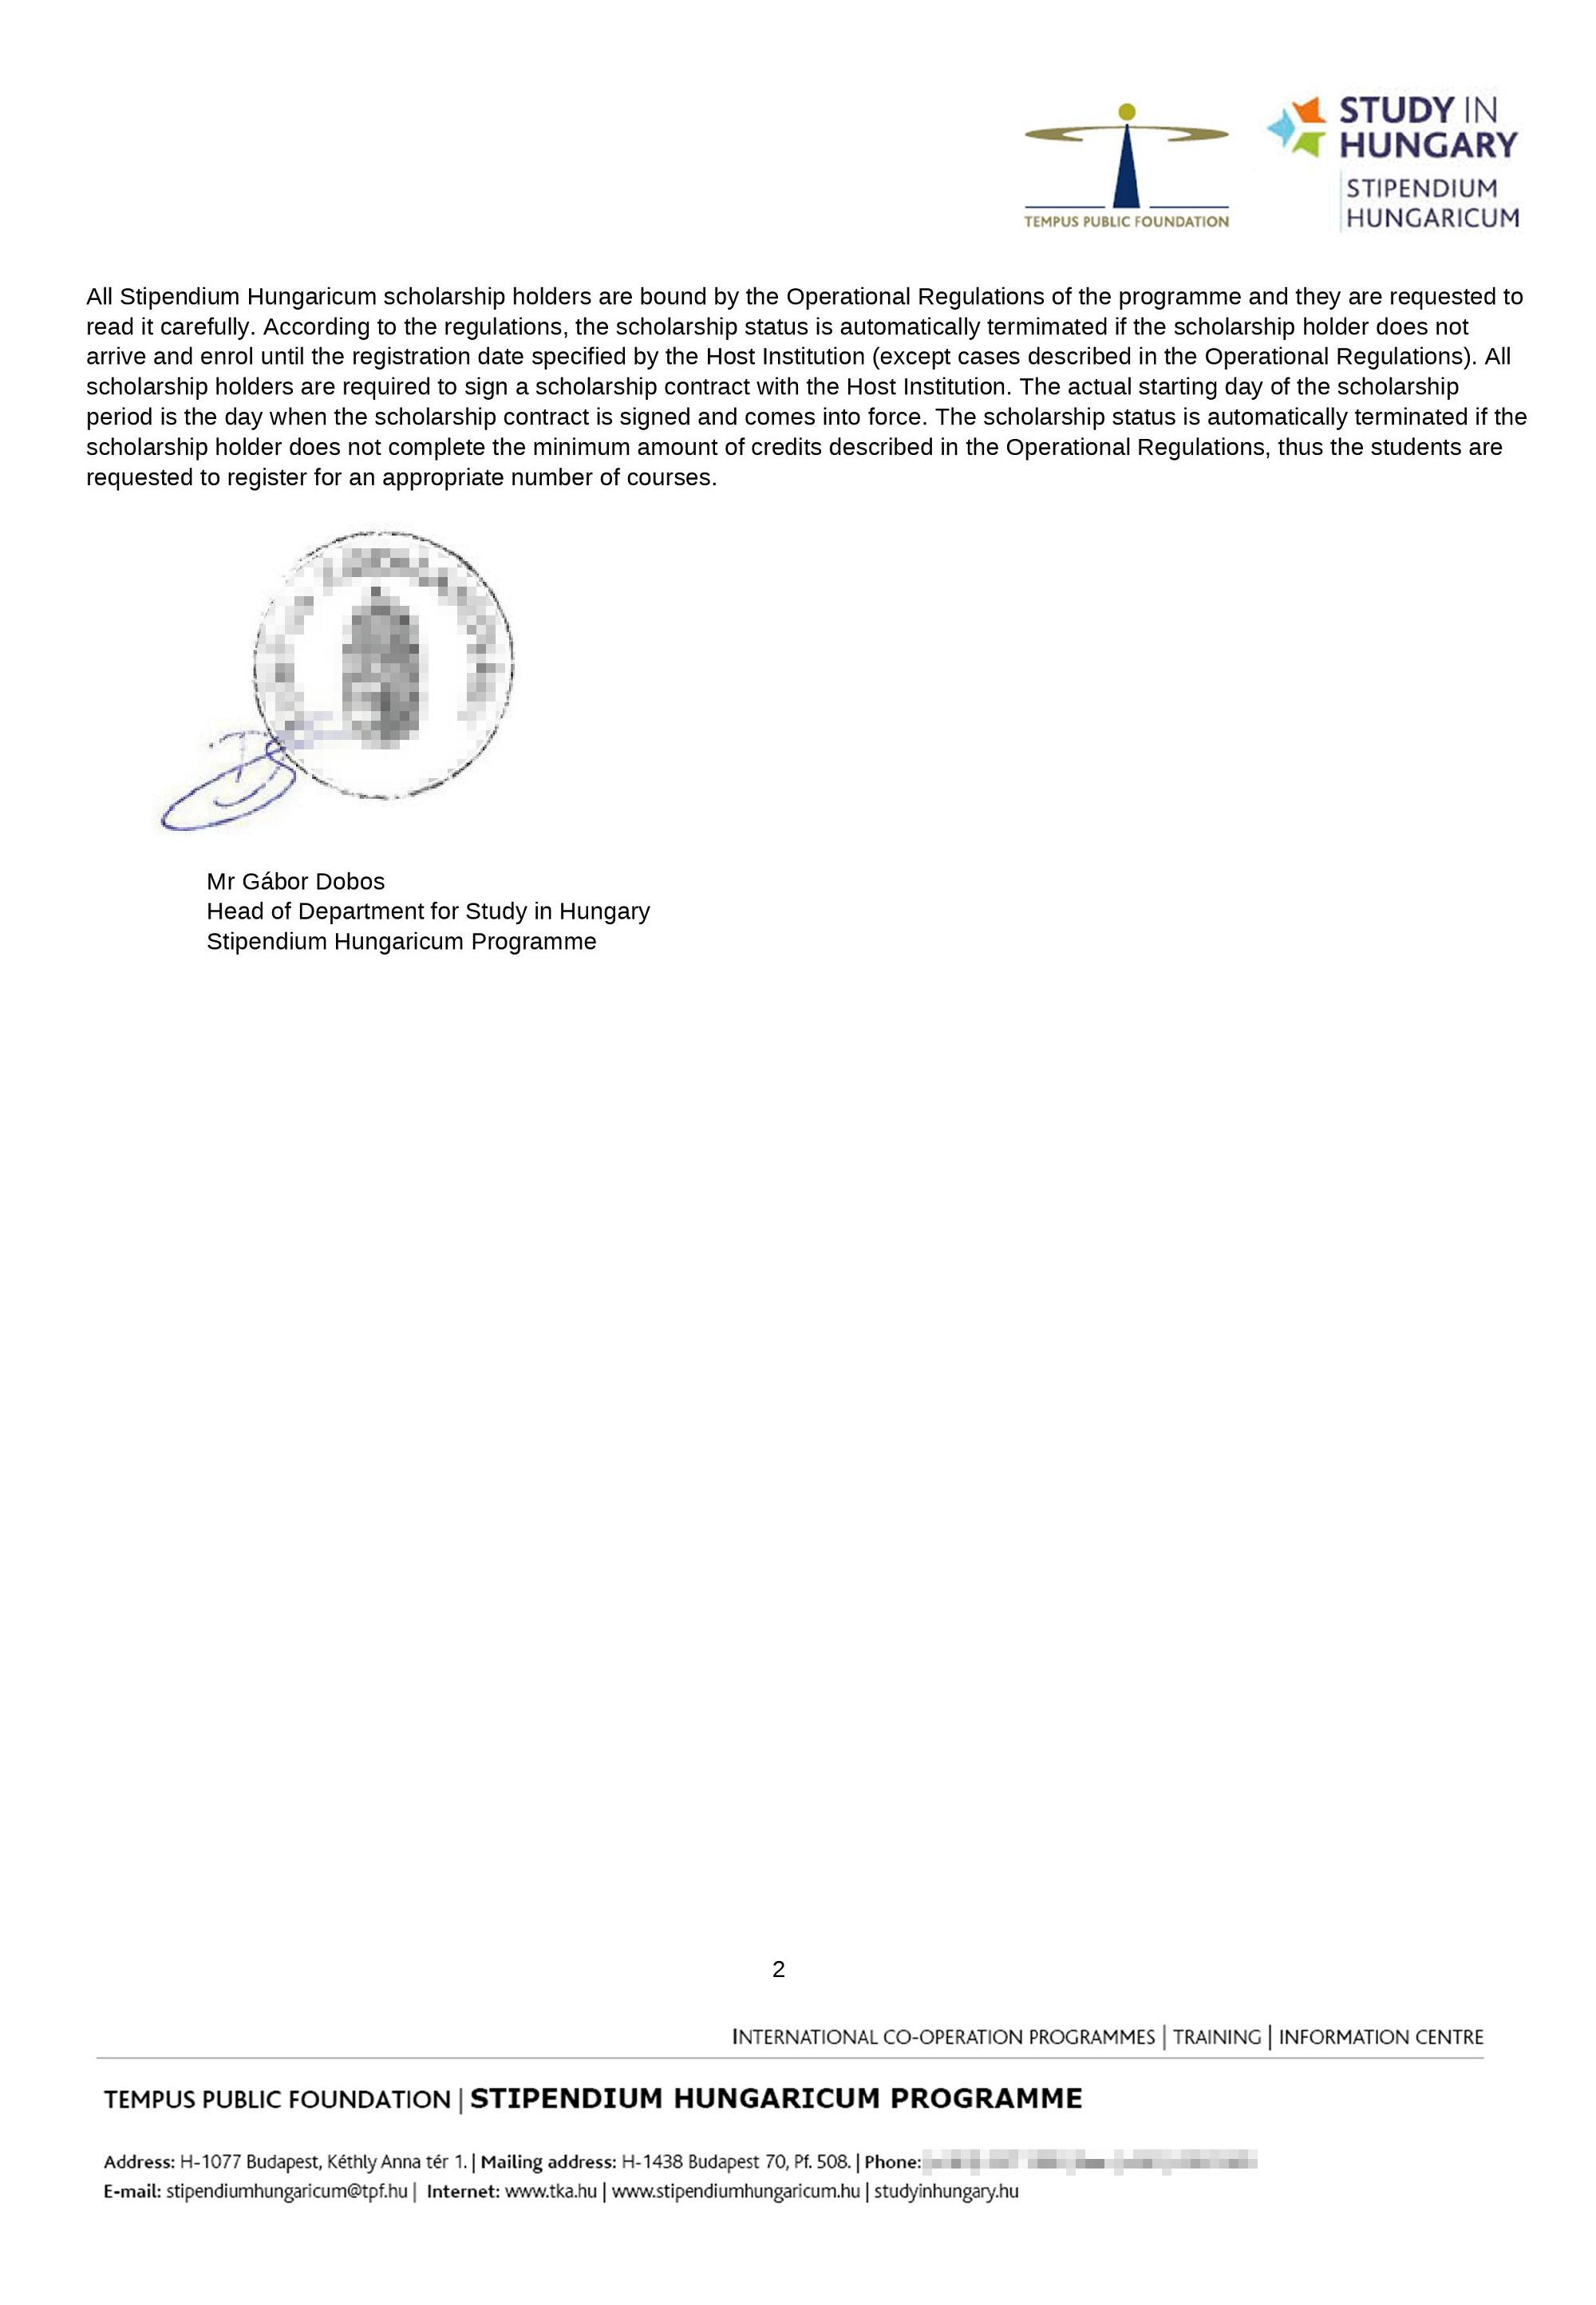 А это письмо ополучении стипендии Stipendium Hungaricum